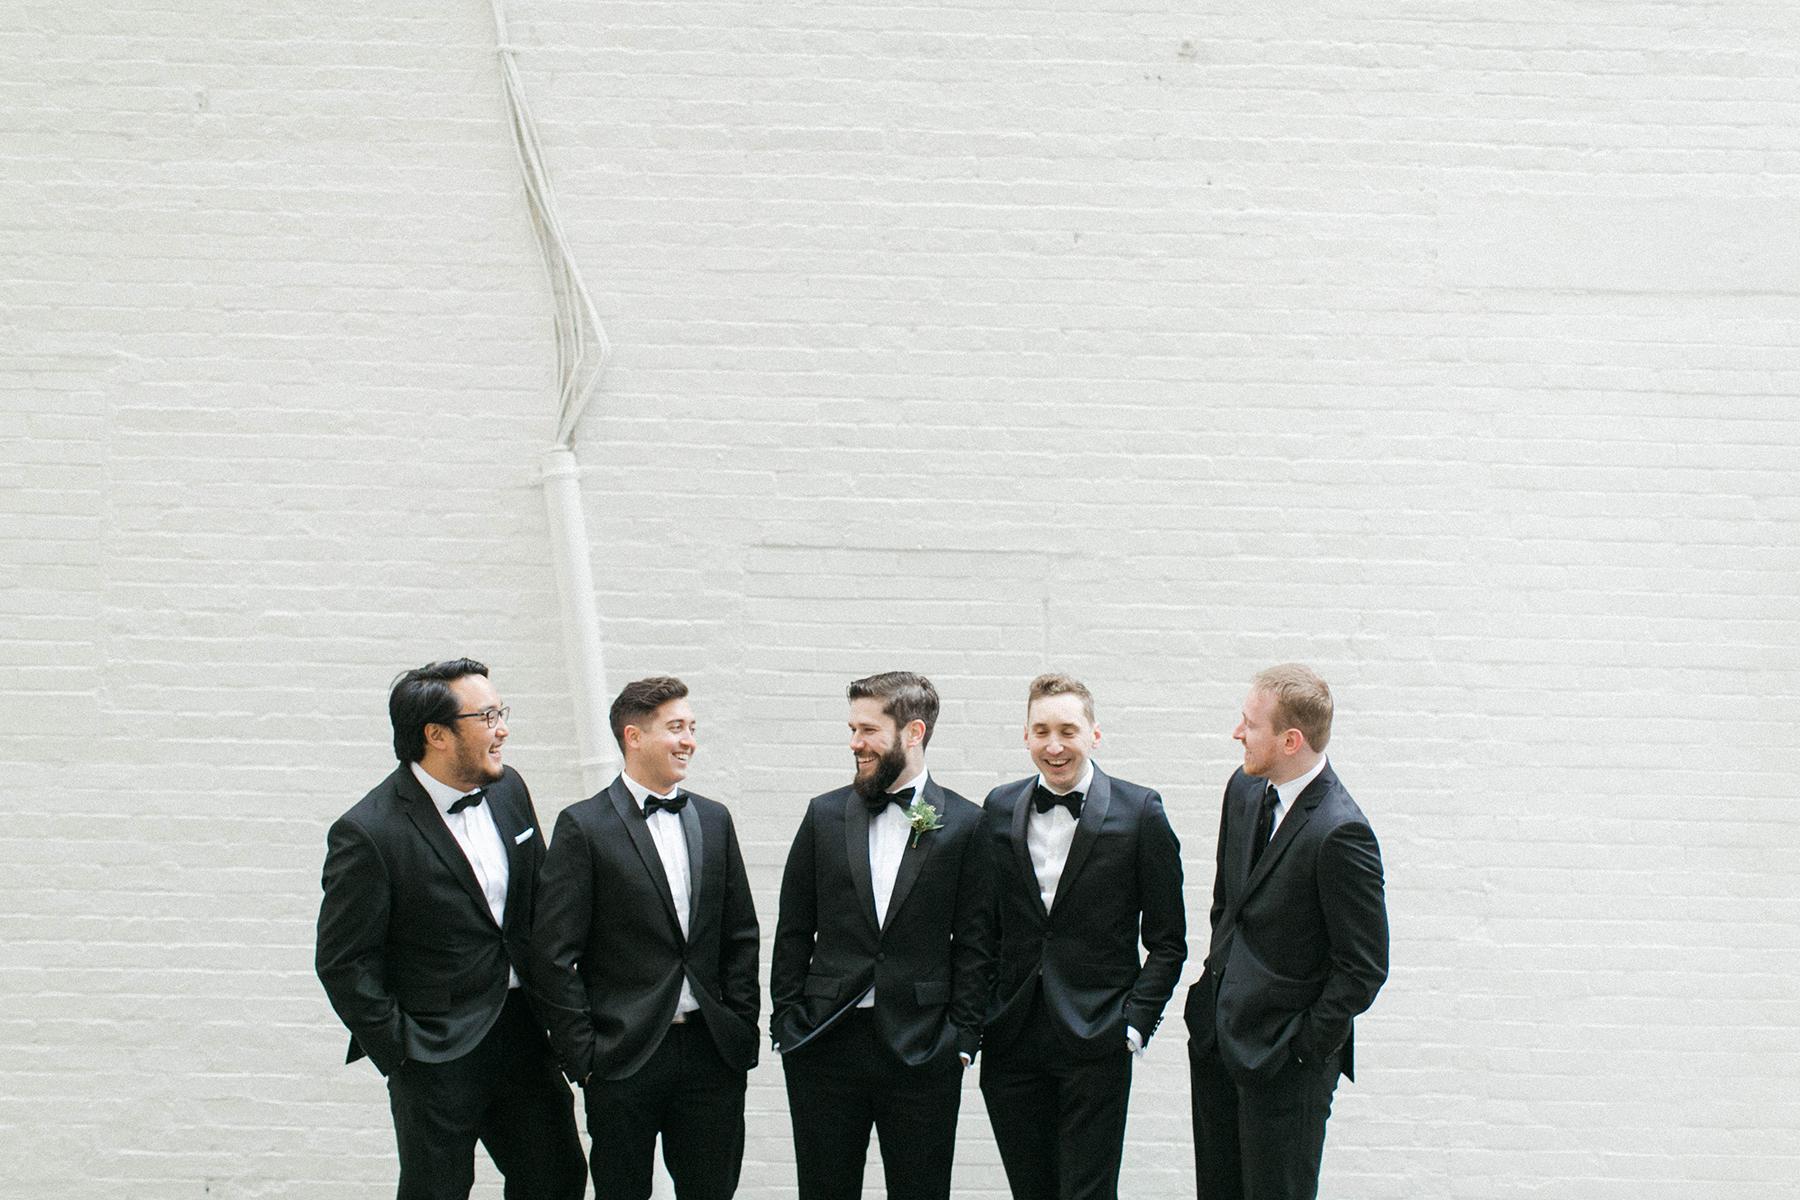 toronto-wedding-photographer-richelle-hunter-lauren-seb-14.jpg